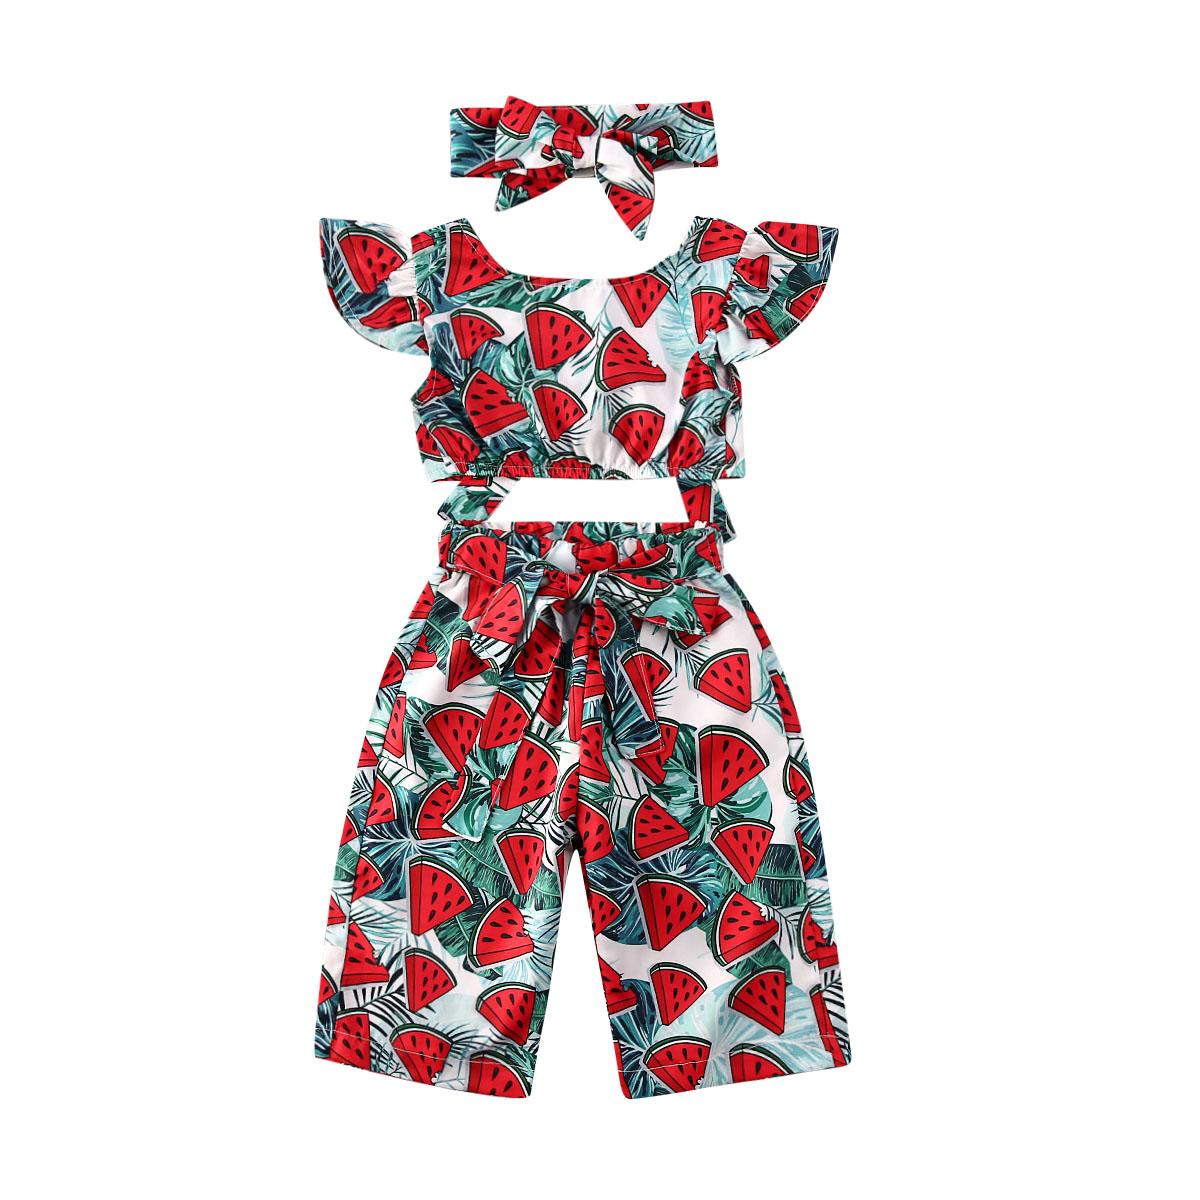 Verão bebê recém-nascido meninas roupa dos miúdos da melancia Tops Calças Headband Outfits Roupa Set